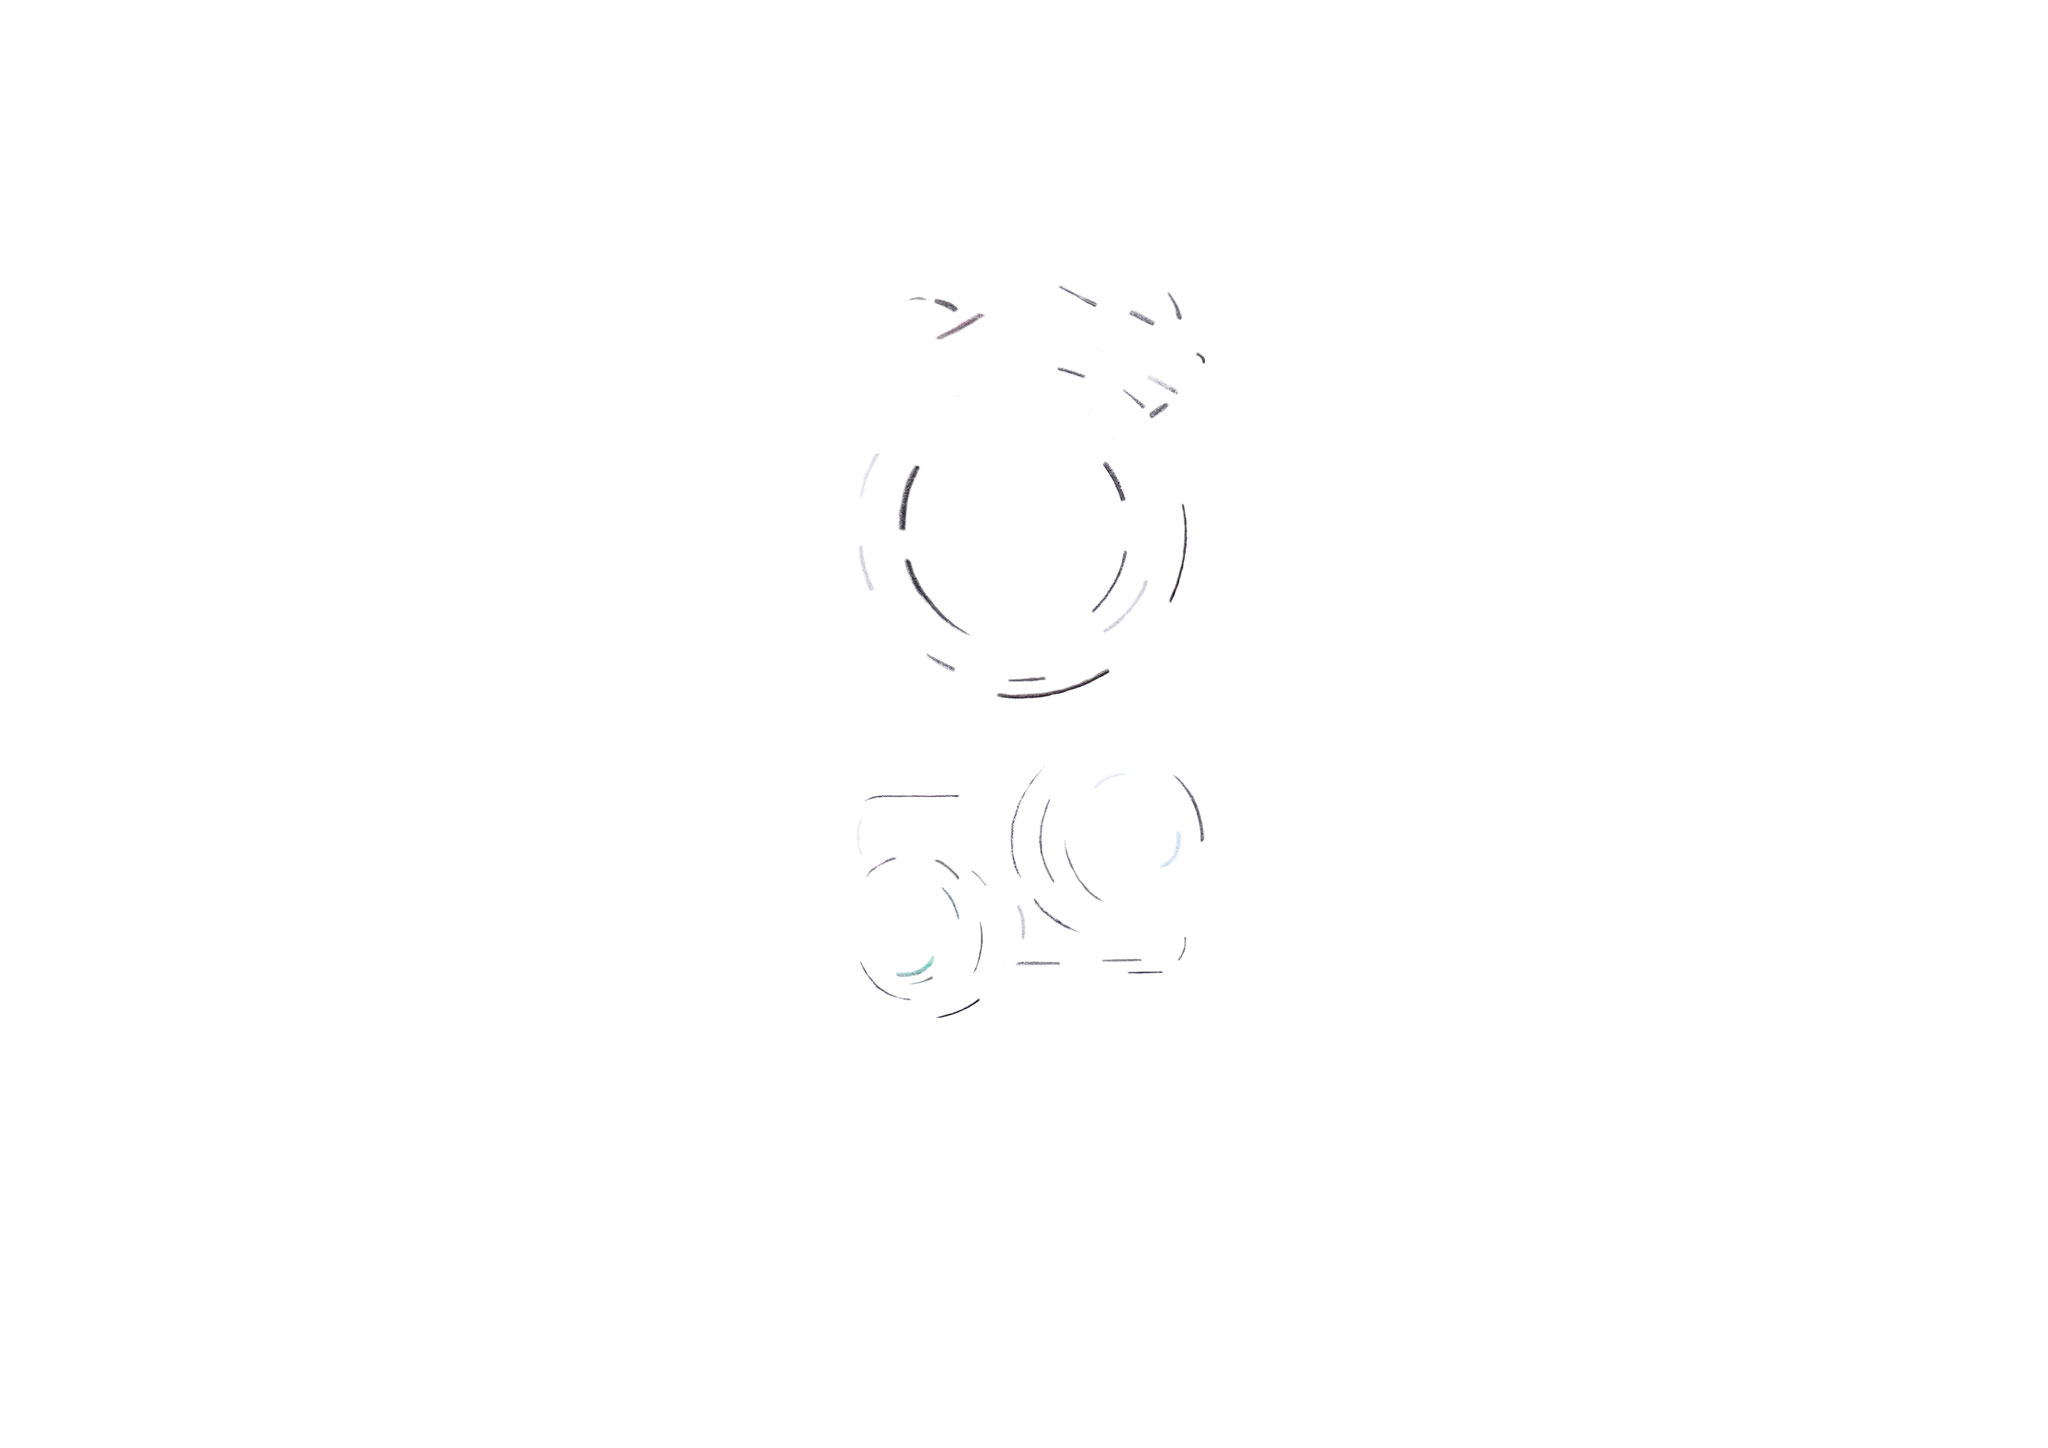 Verfolgen Sie wie unsere neue Schmucklinie Kugelkollektion entsteht  -  Skizze Nr. 1 / 14